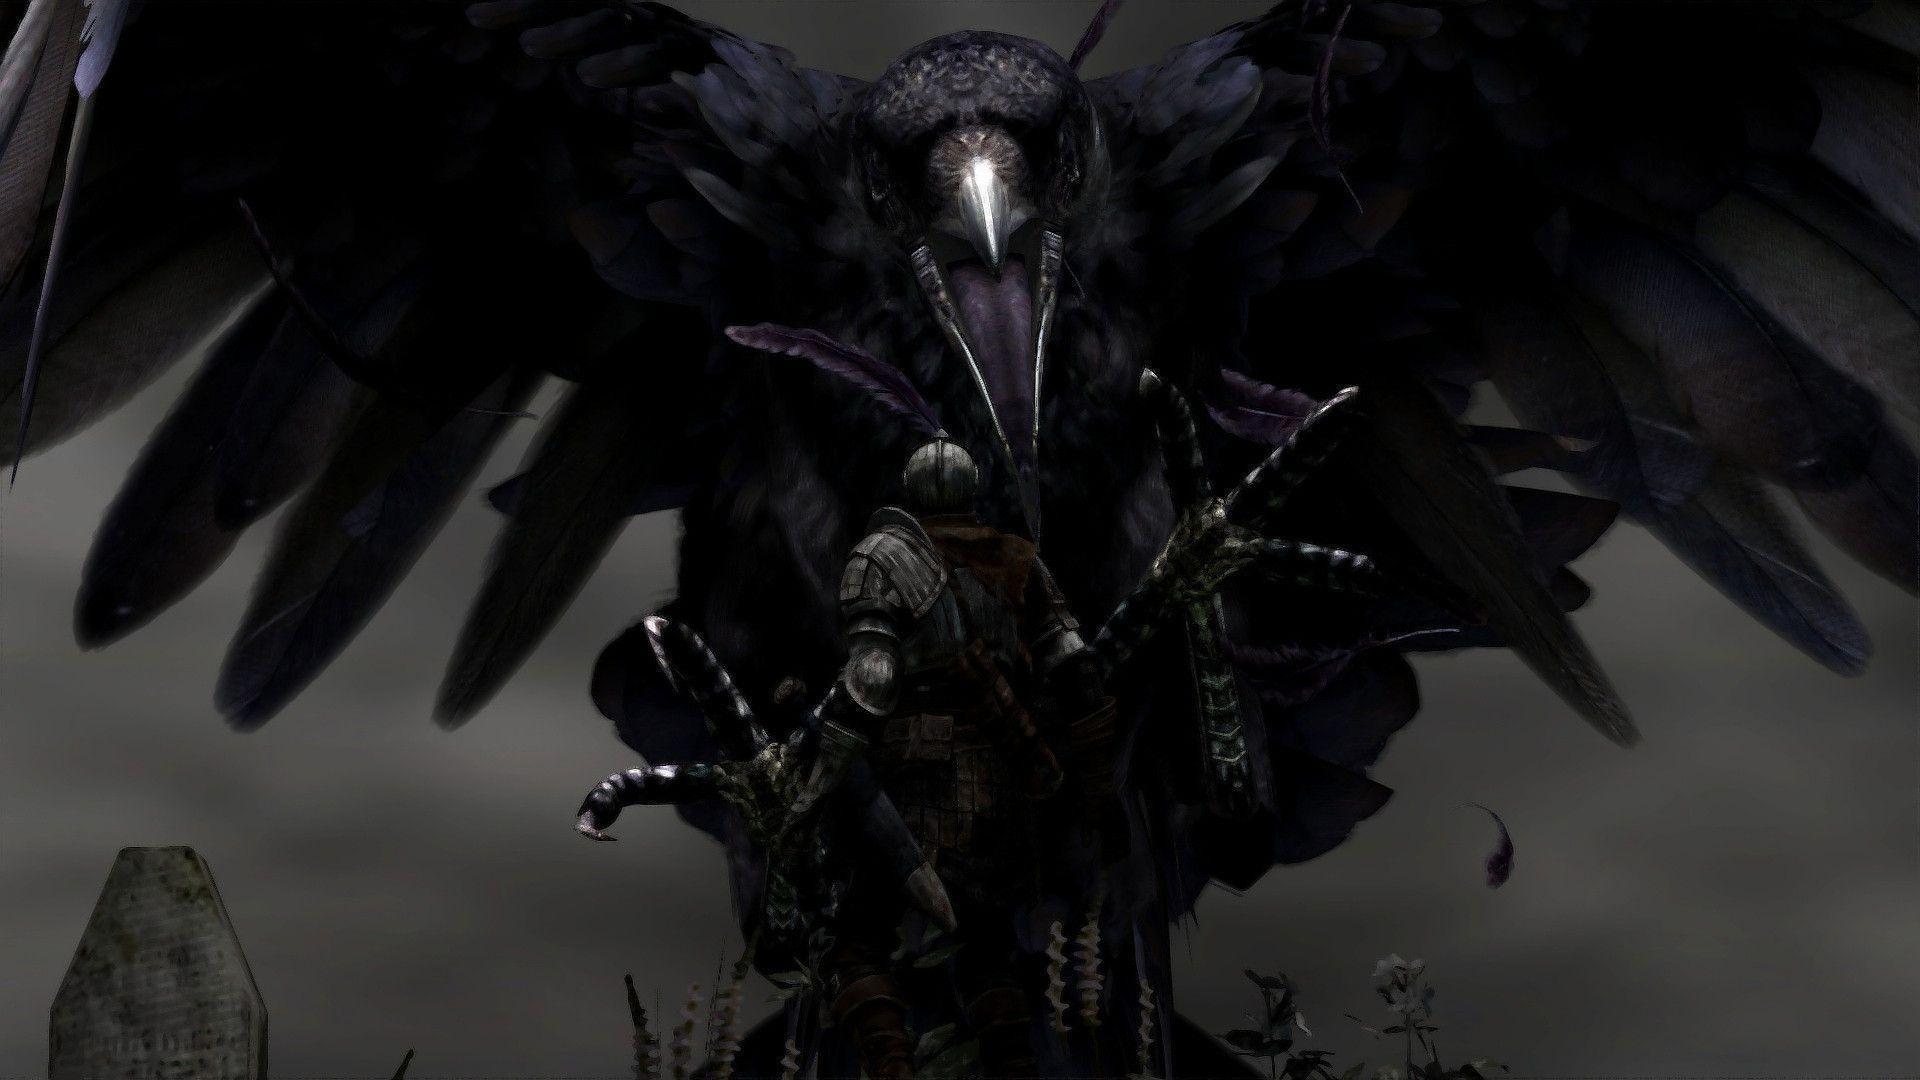 Dark Souls Wallpaper Free Download P Wallpaper Games Images Dark .